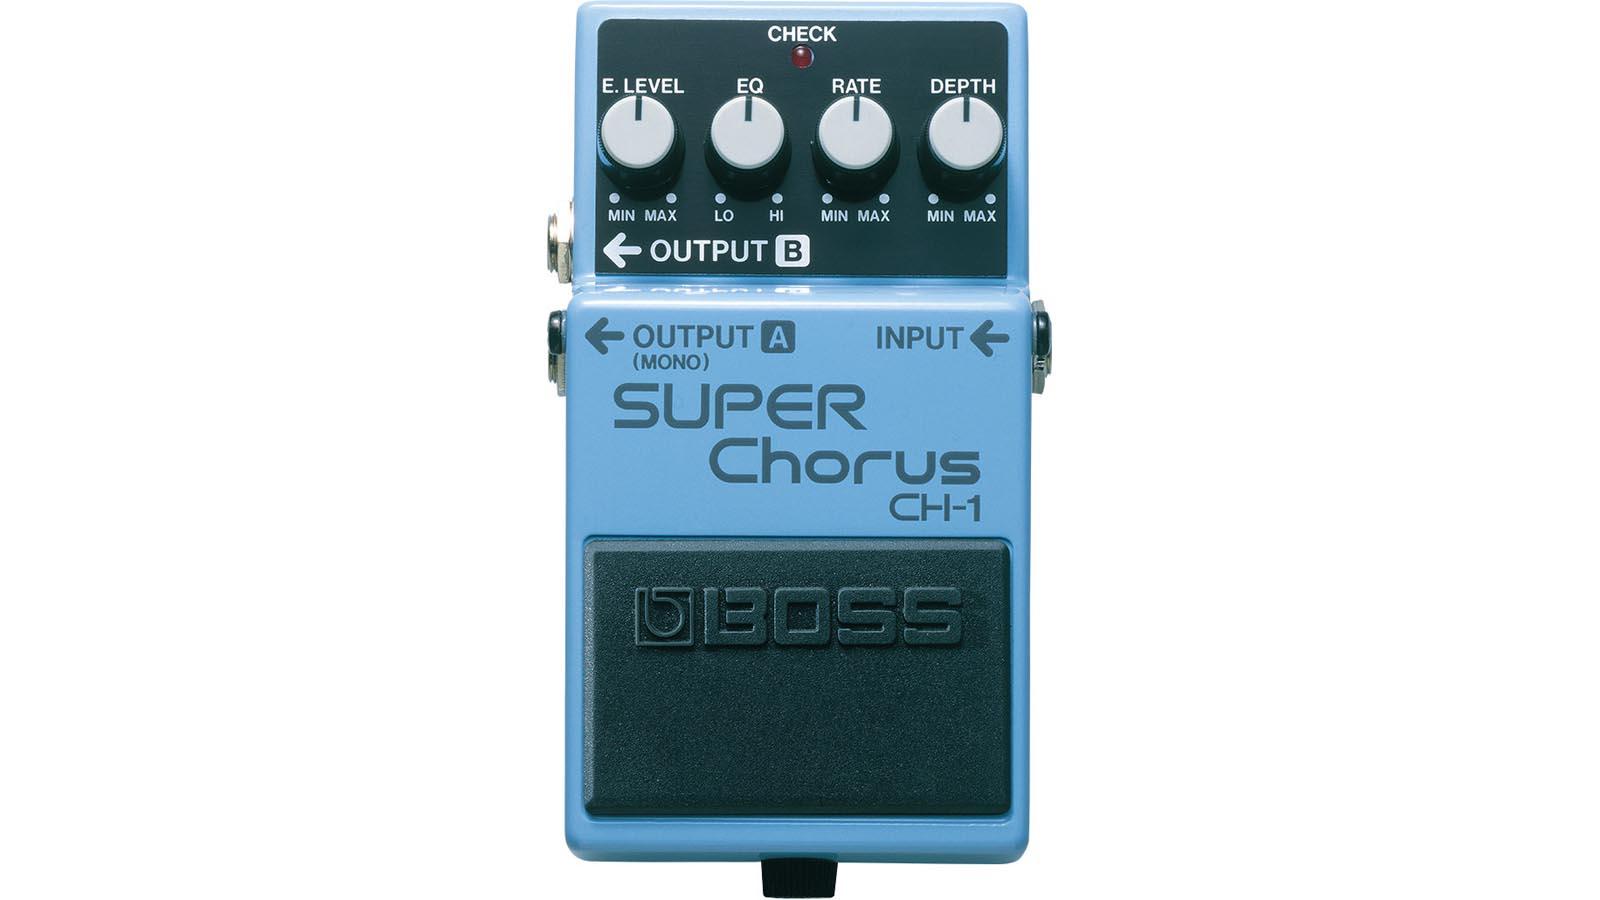 Boss CH-1 Super Chorus Stereo